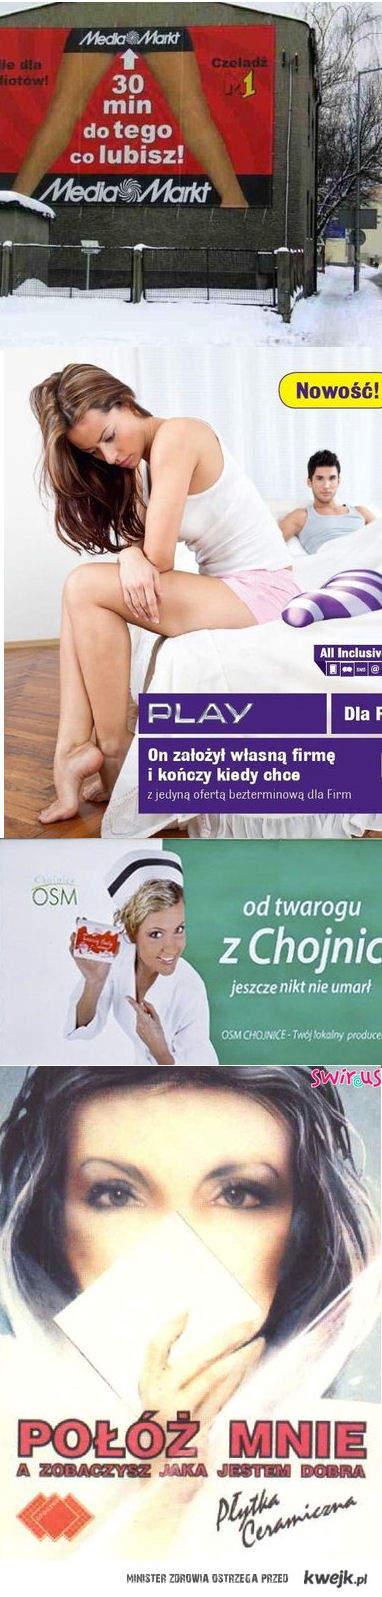 Najgorsze reklamy w Polsce